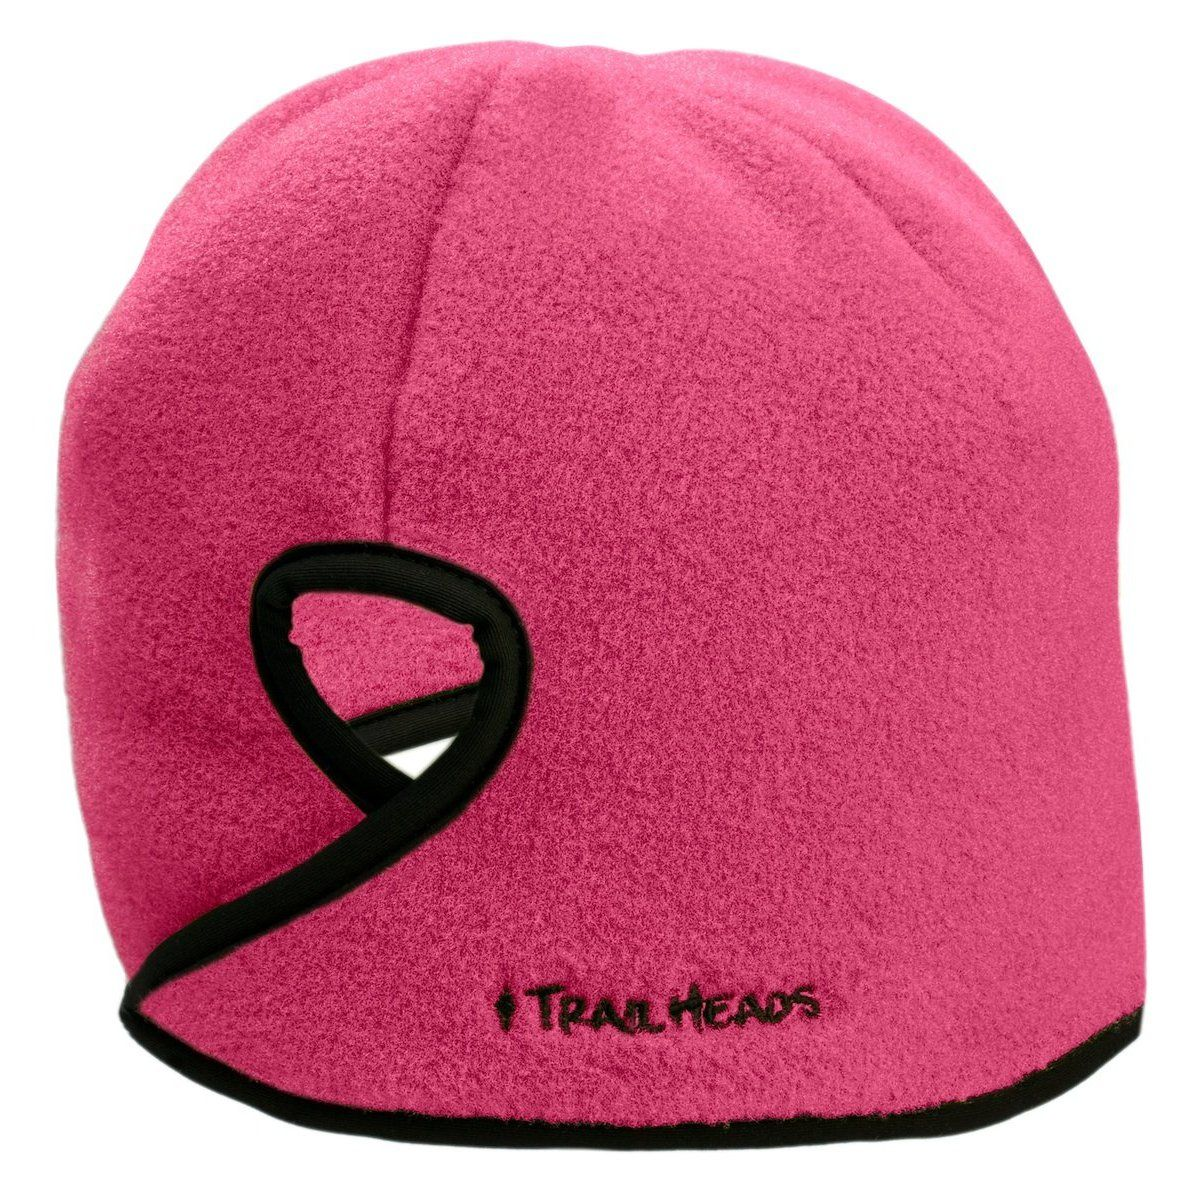 TrailHeads Goodbye Girl Ponytail Hat : Ponytail Hats & Headbands